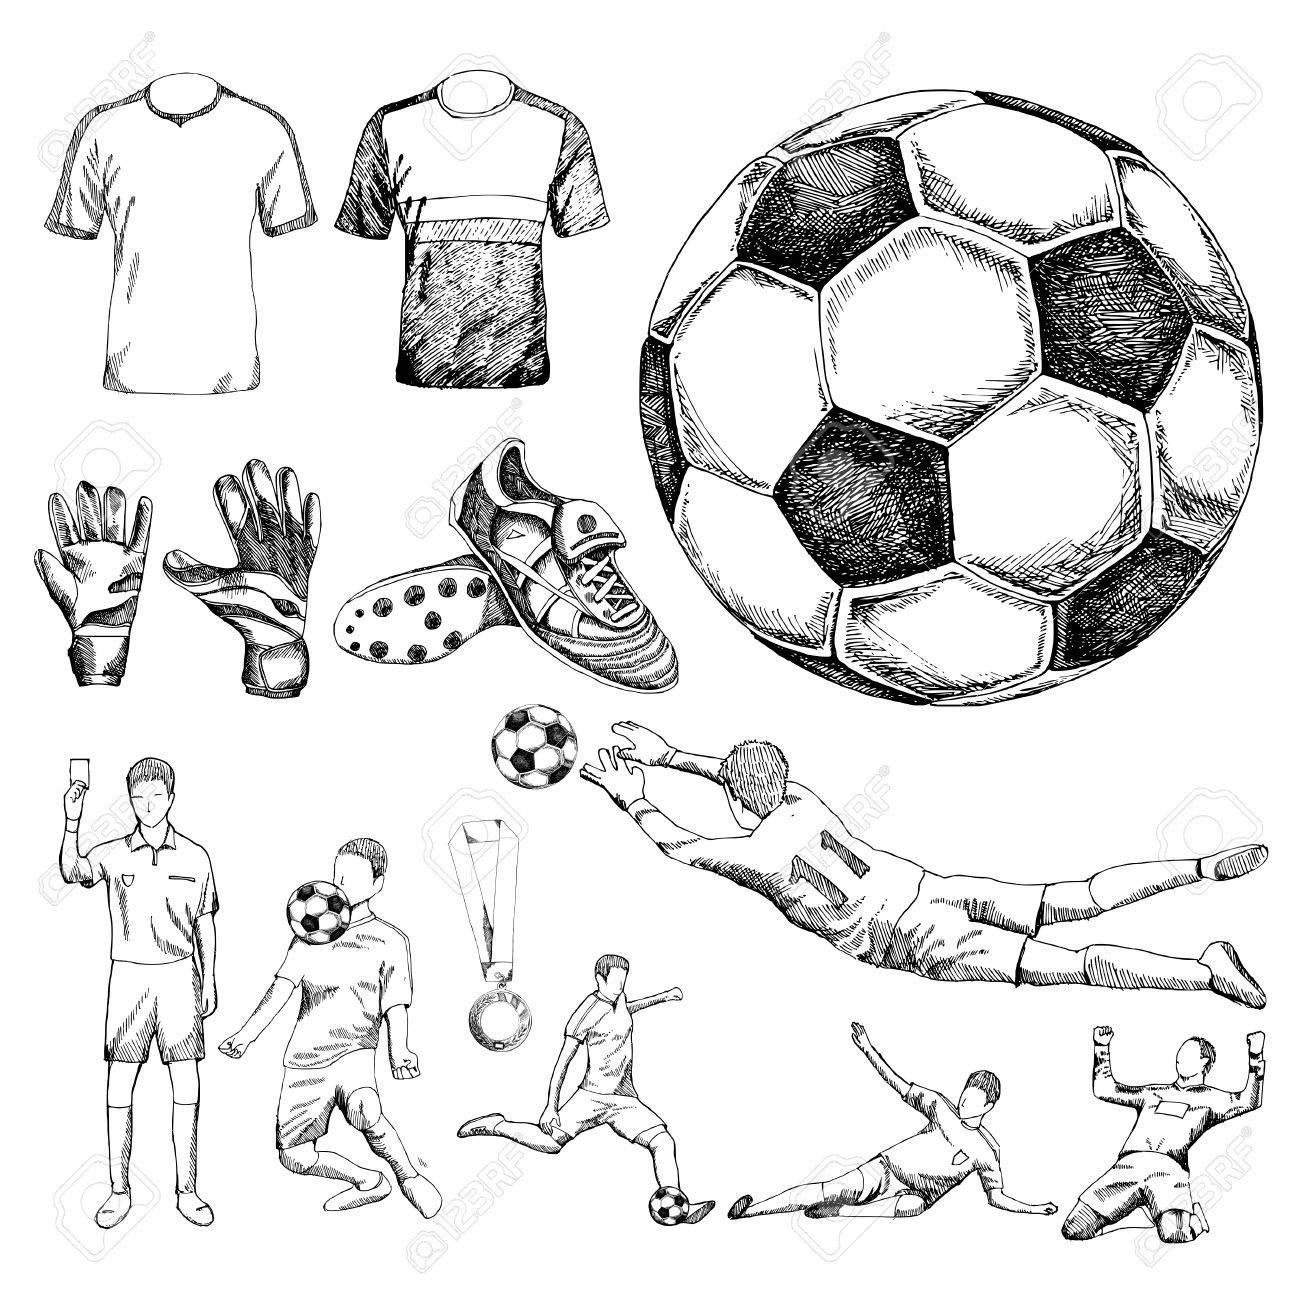 Design elements of soccer - 58184558